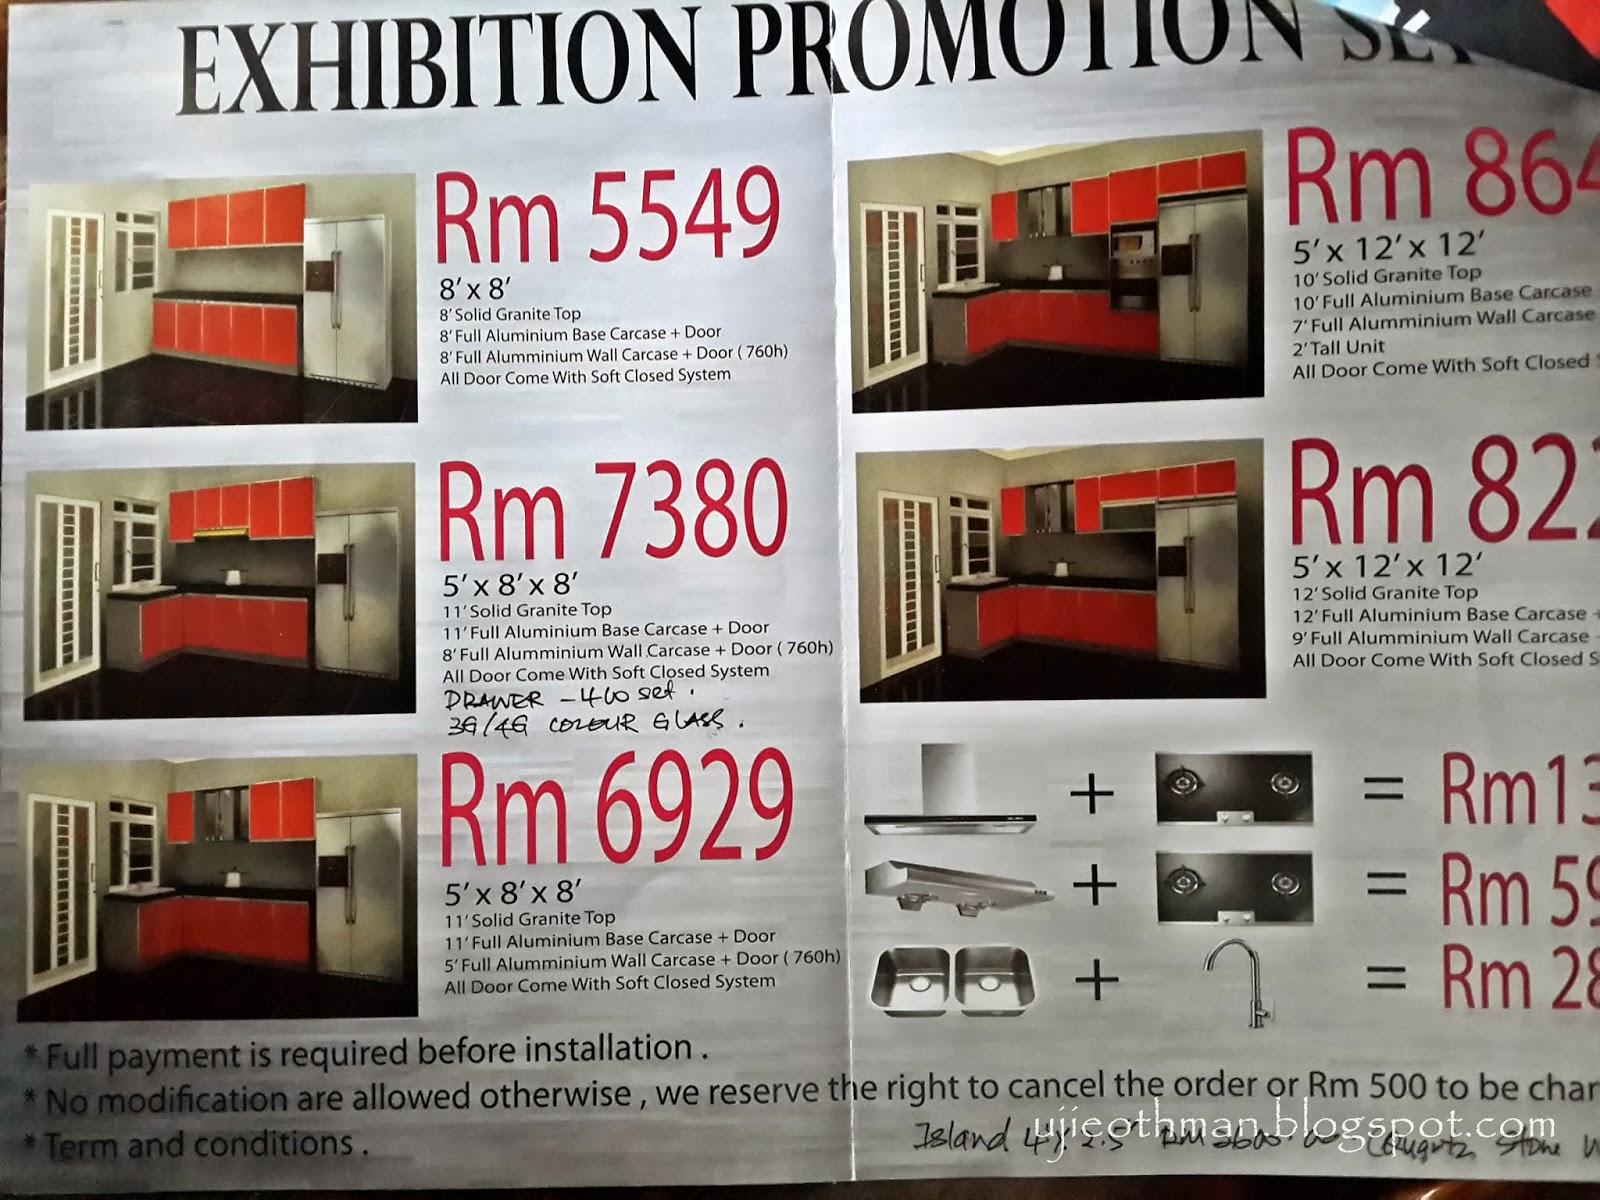 kabinet dapur aluminium 2016: Titian perjalanan kabinet dapur aluminium